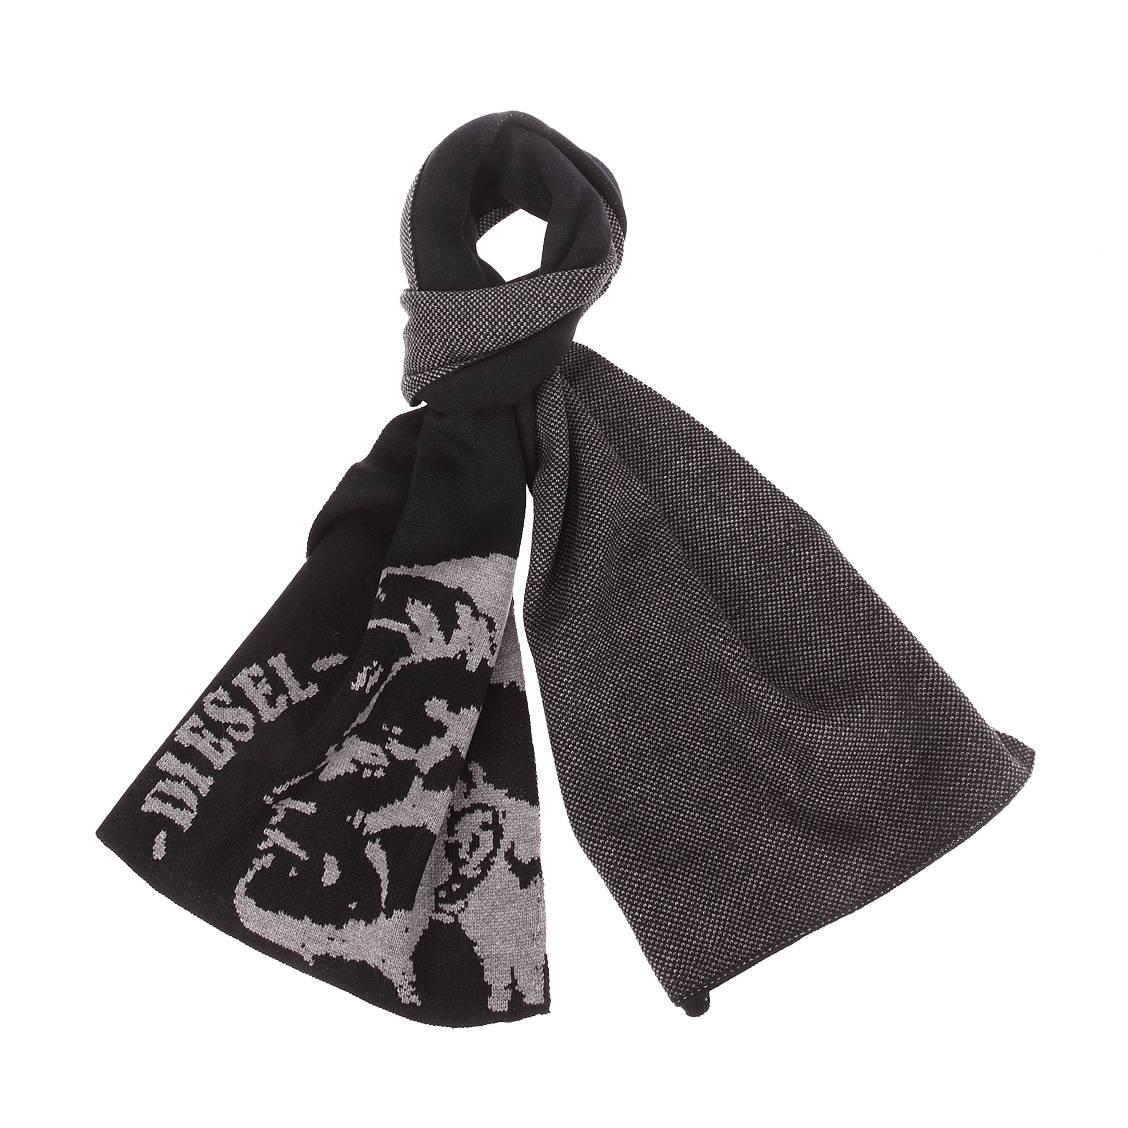 Echarpe  k-duboo noire brodée du logo en gris